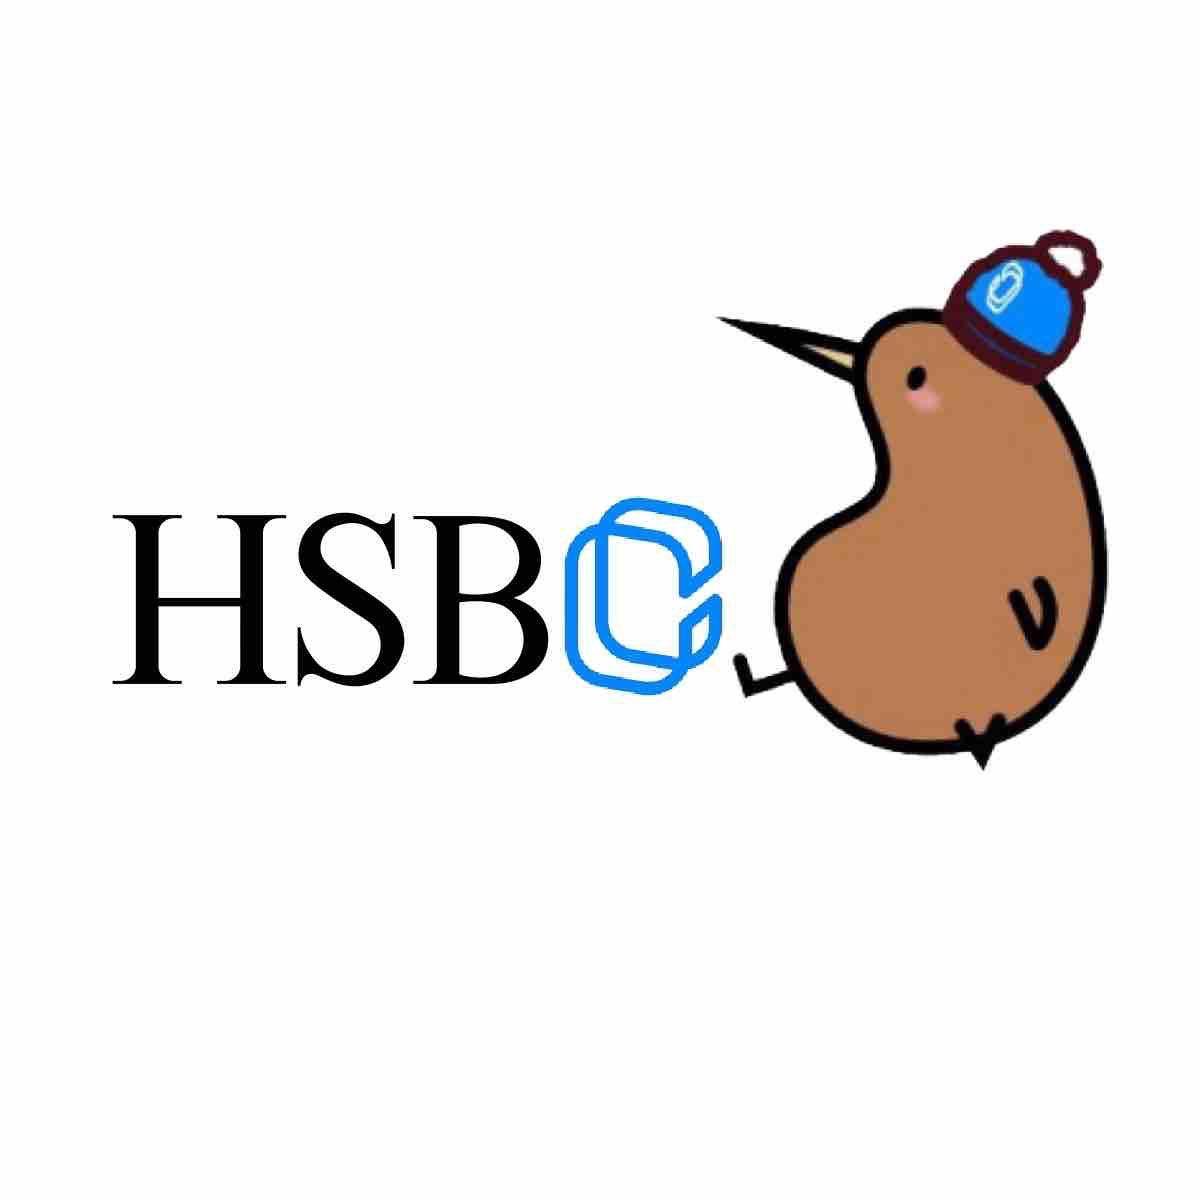 H:💚 HODL 💚 S:💛 STAKE💛 B:❤️   BUY  ❤️ C:💙CENNZ💙